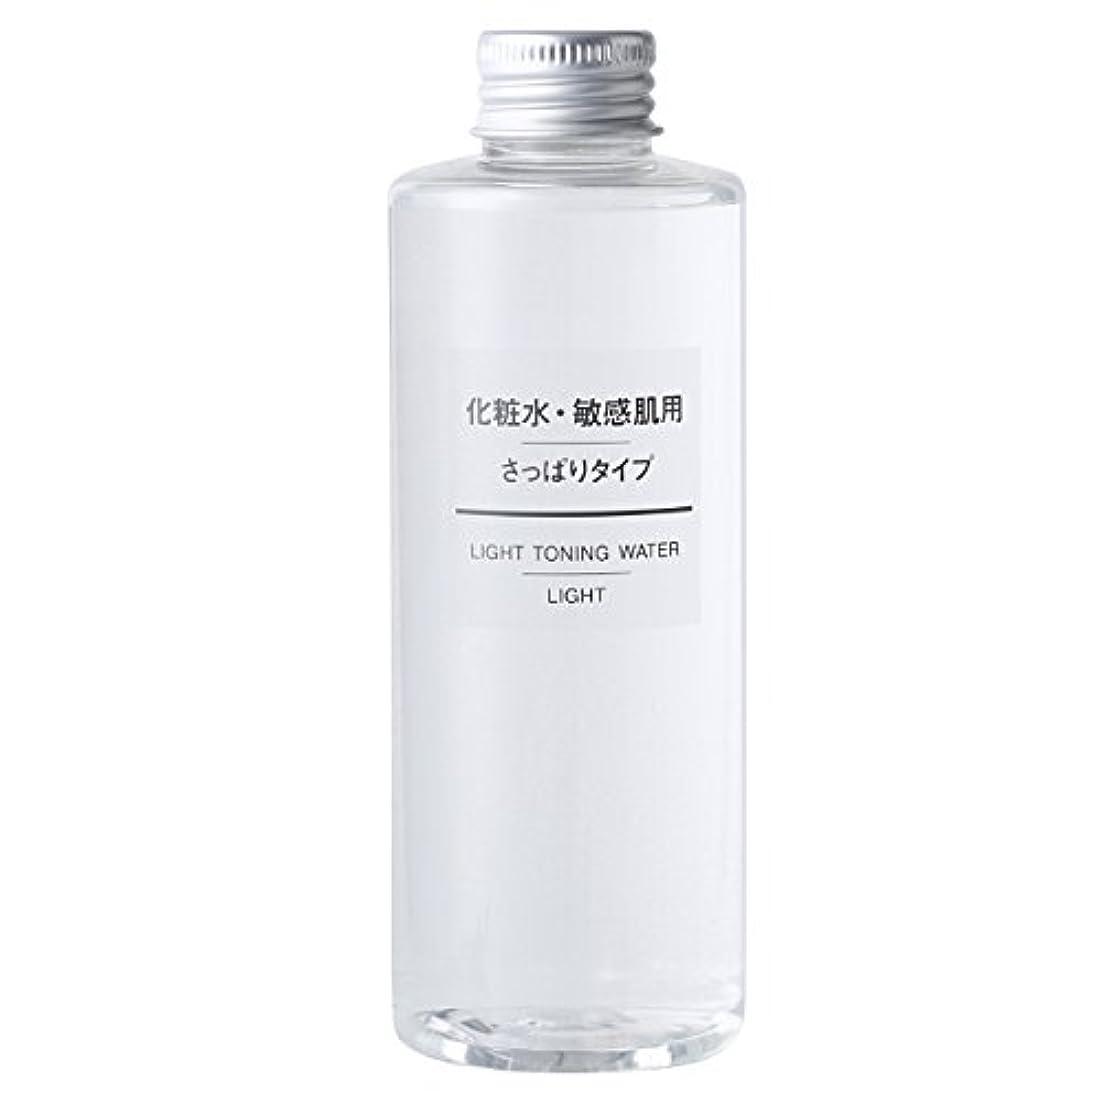 船酔い砂の幾分無印良品 化粧水?敏感肌用?さっぱりタイプ 200mL